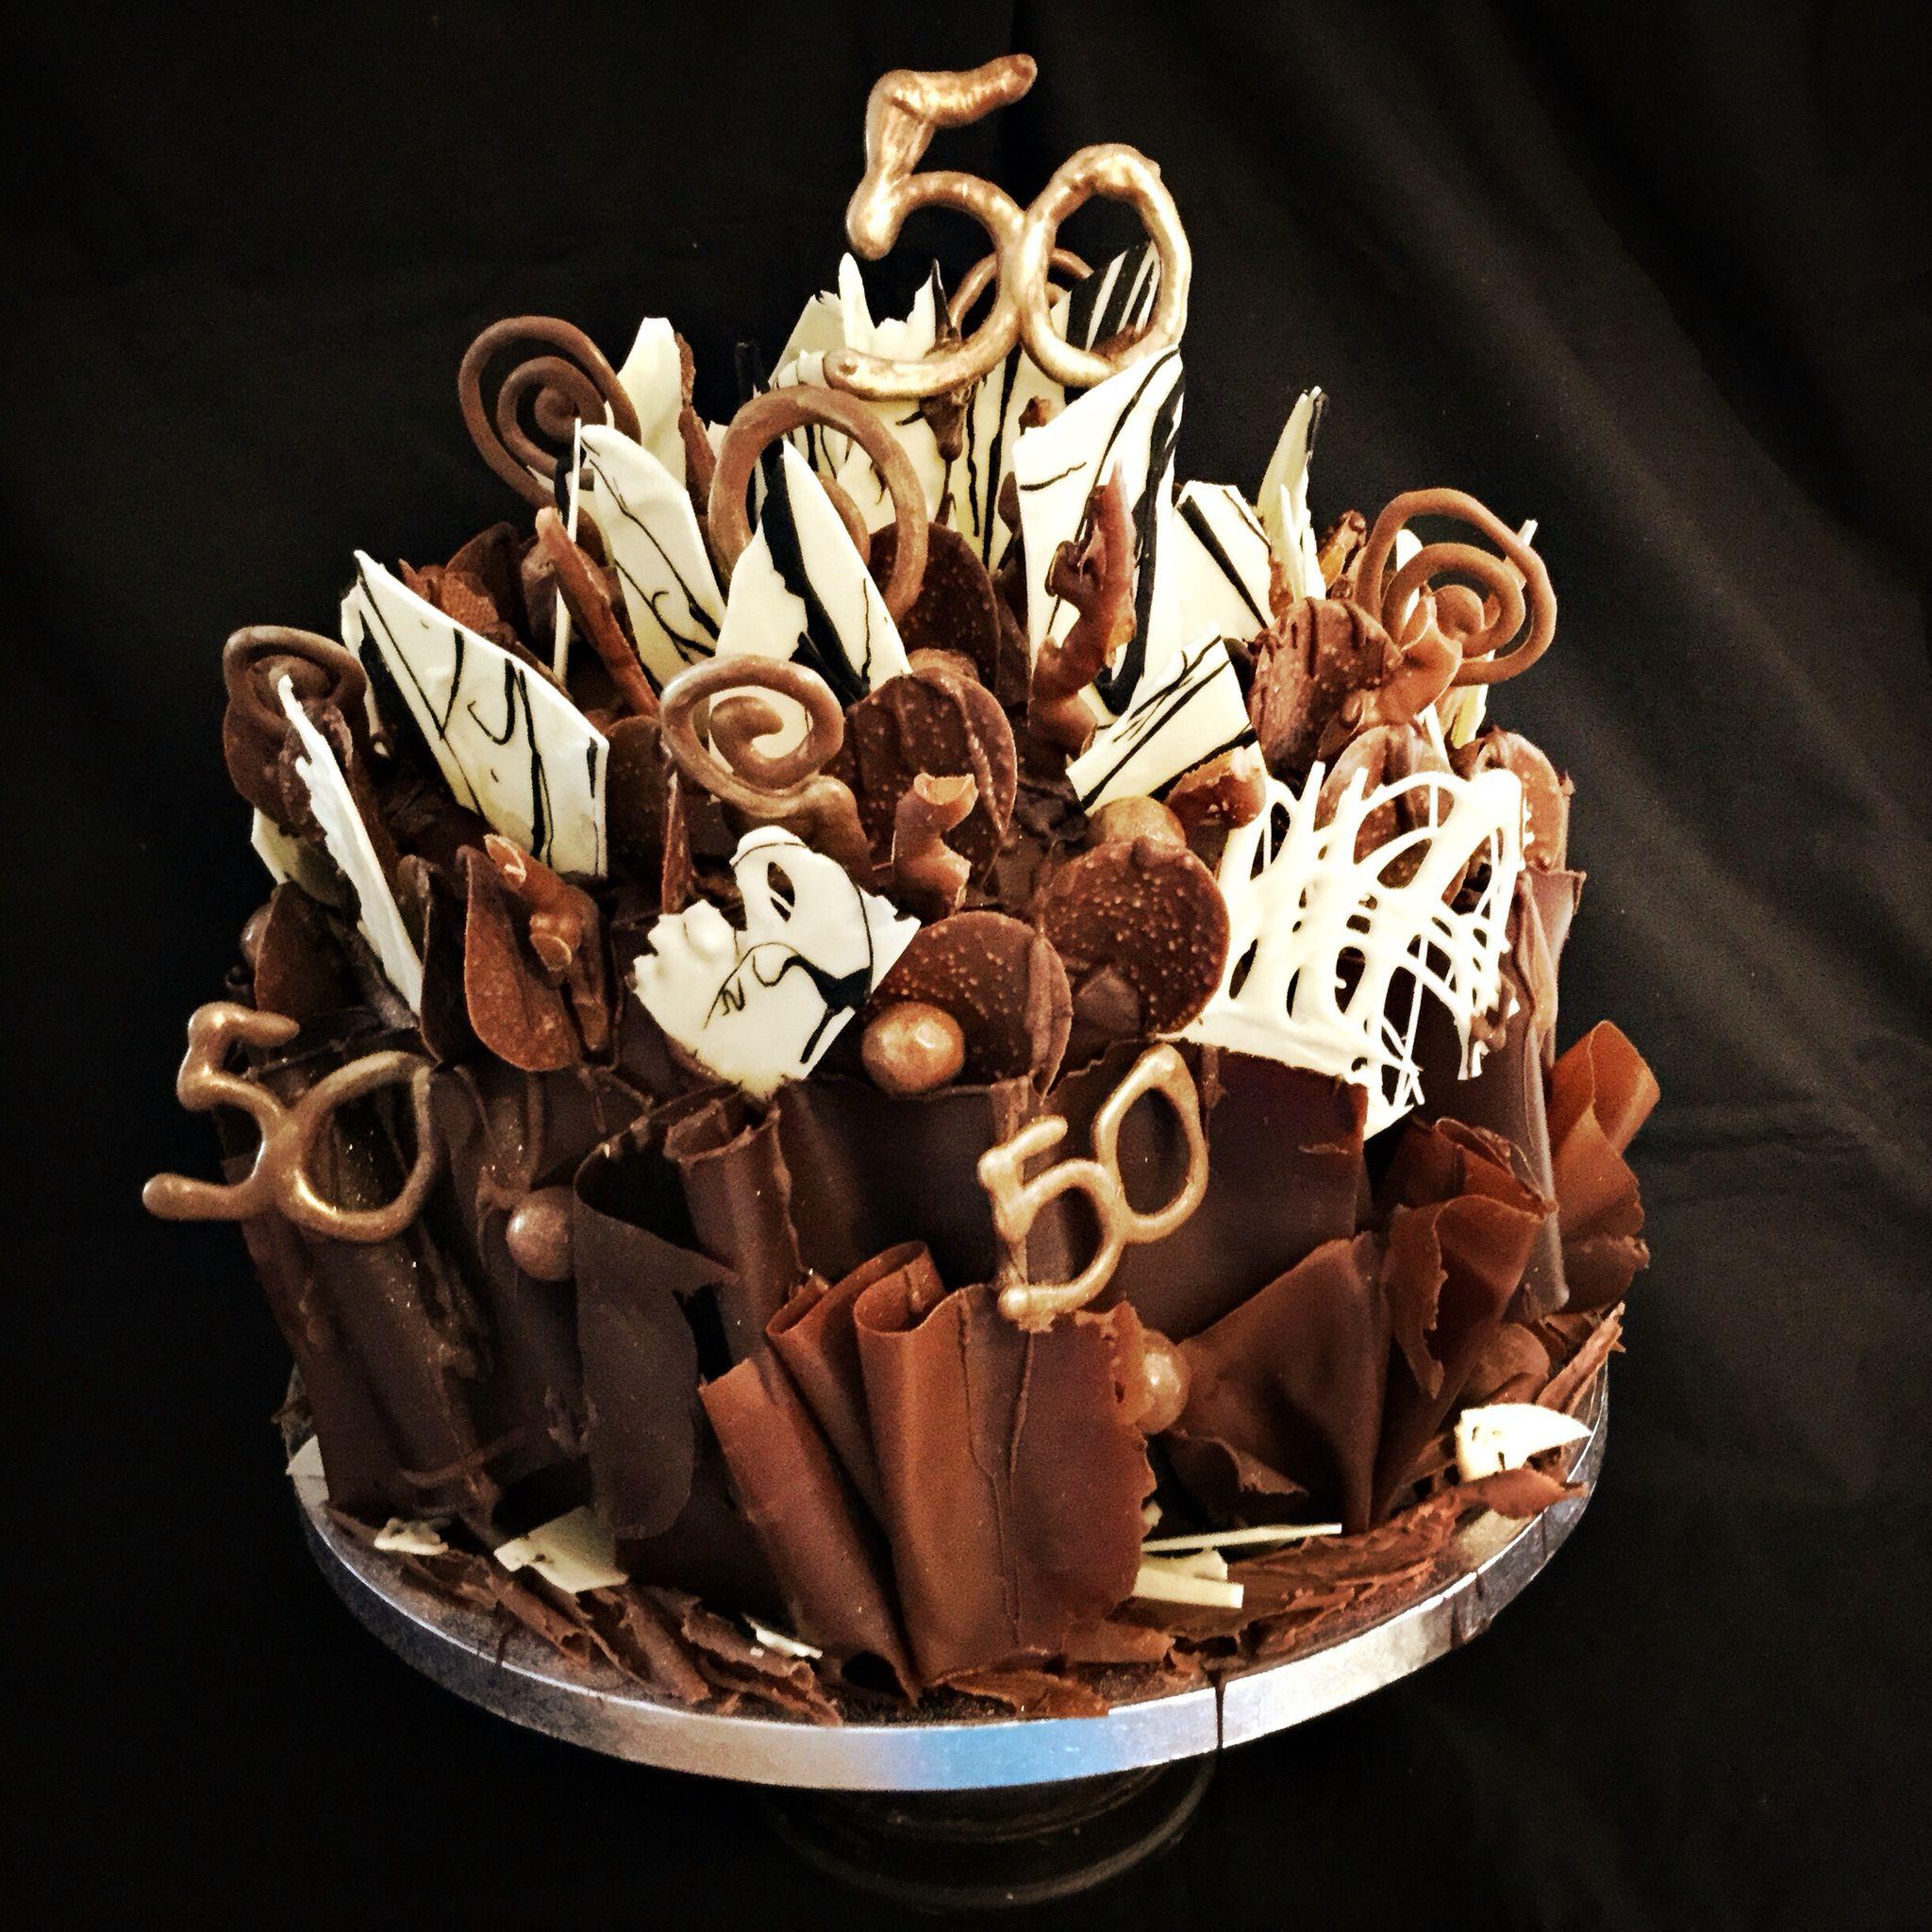 Chocolate Mayhem cake.  www.wonkycakeco.co.uk